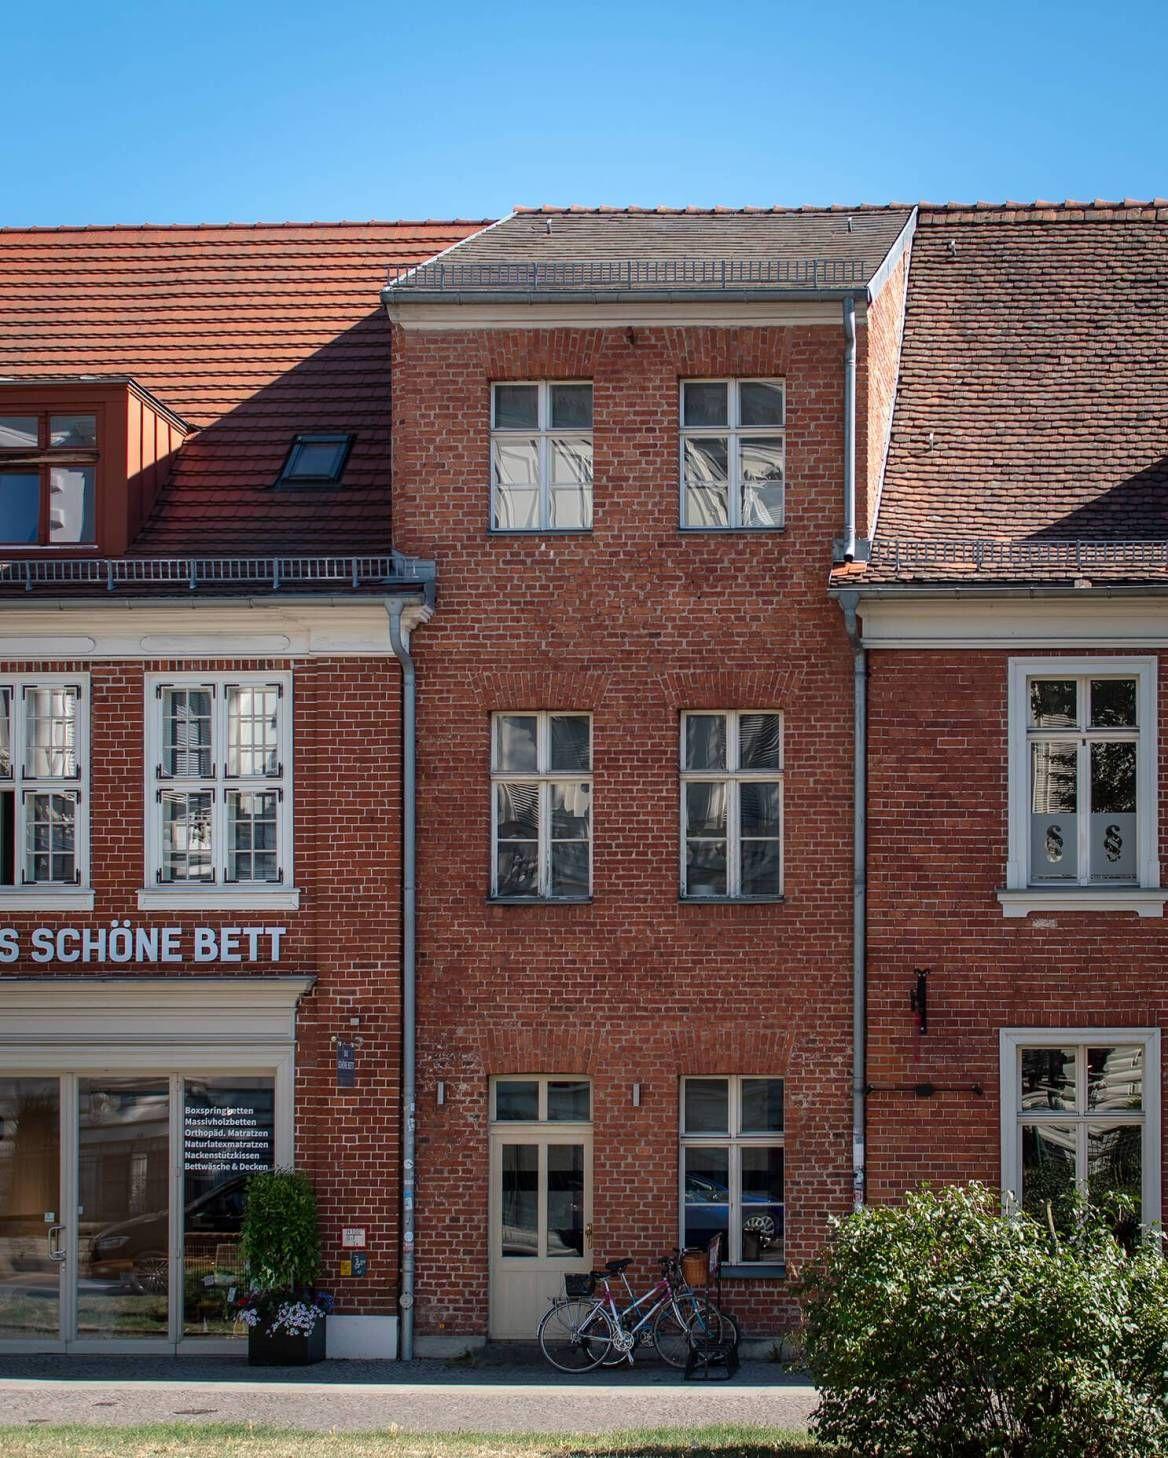 Hollandisches Viertel In Potsdam Tipps Zum Fotografieren Potsdamomente Fotografie Berlin Reise Potsdam